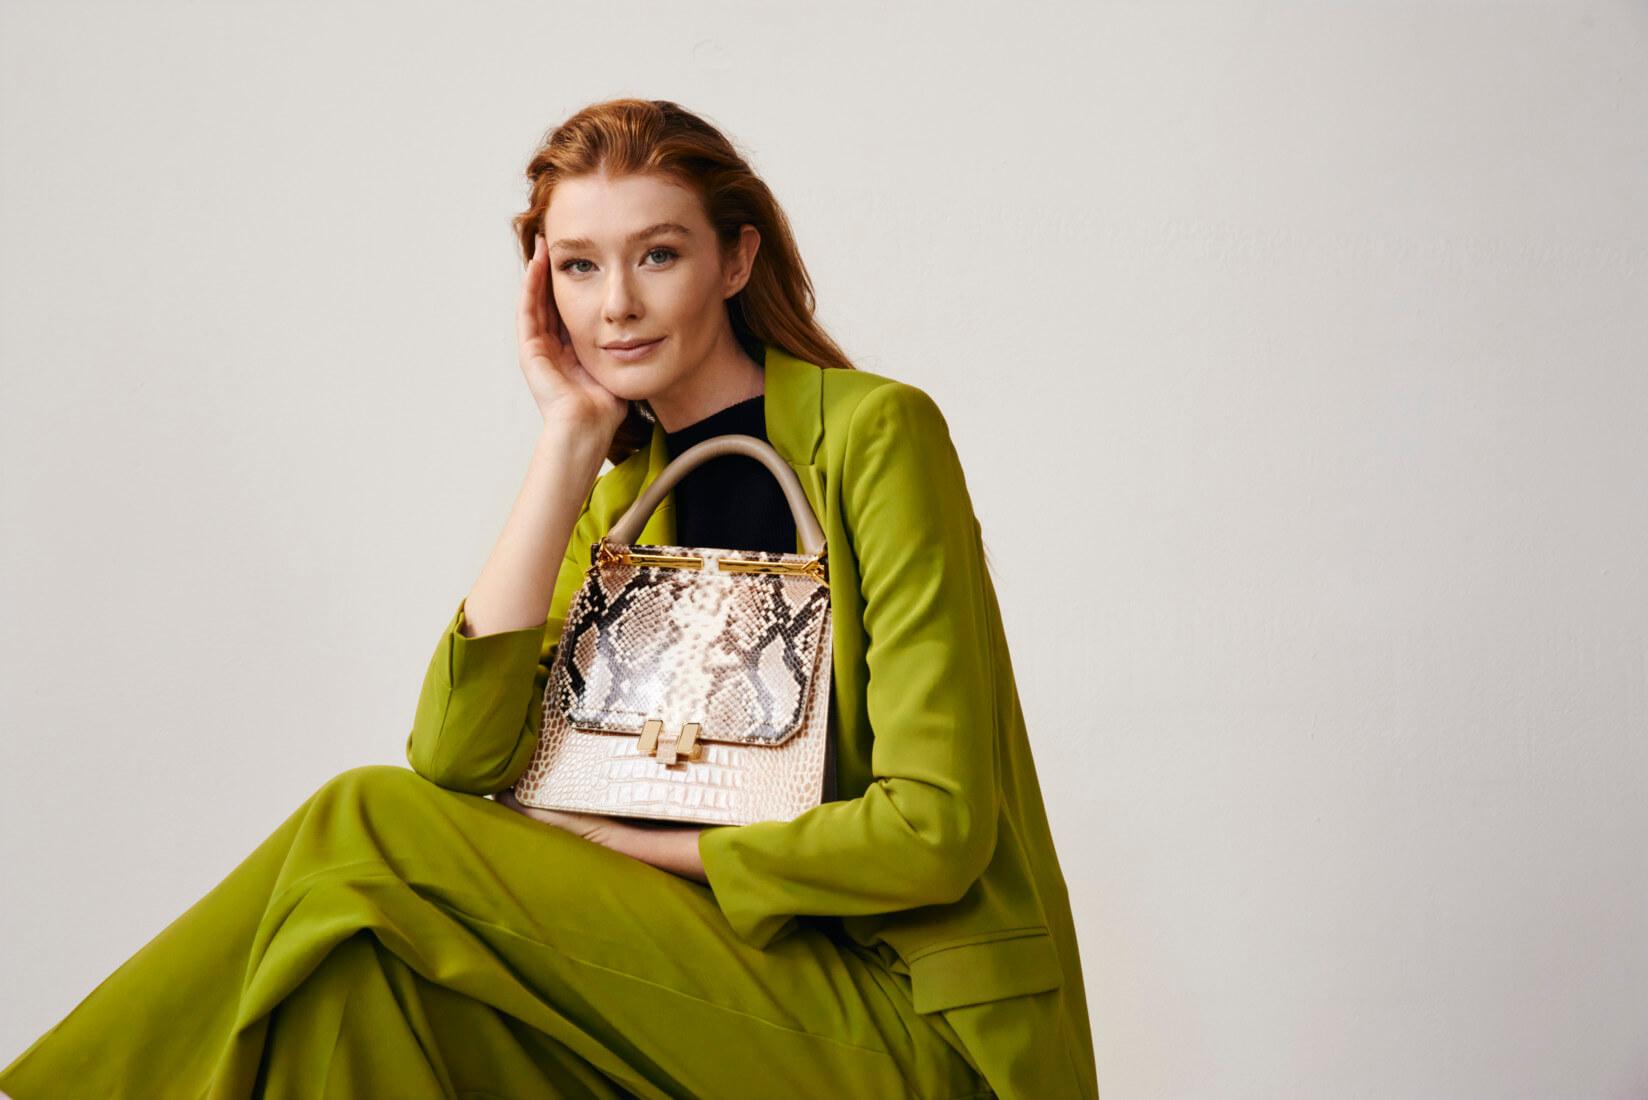 Modell mit Maison Heroin Handtasche